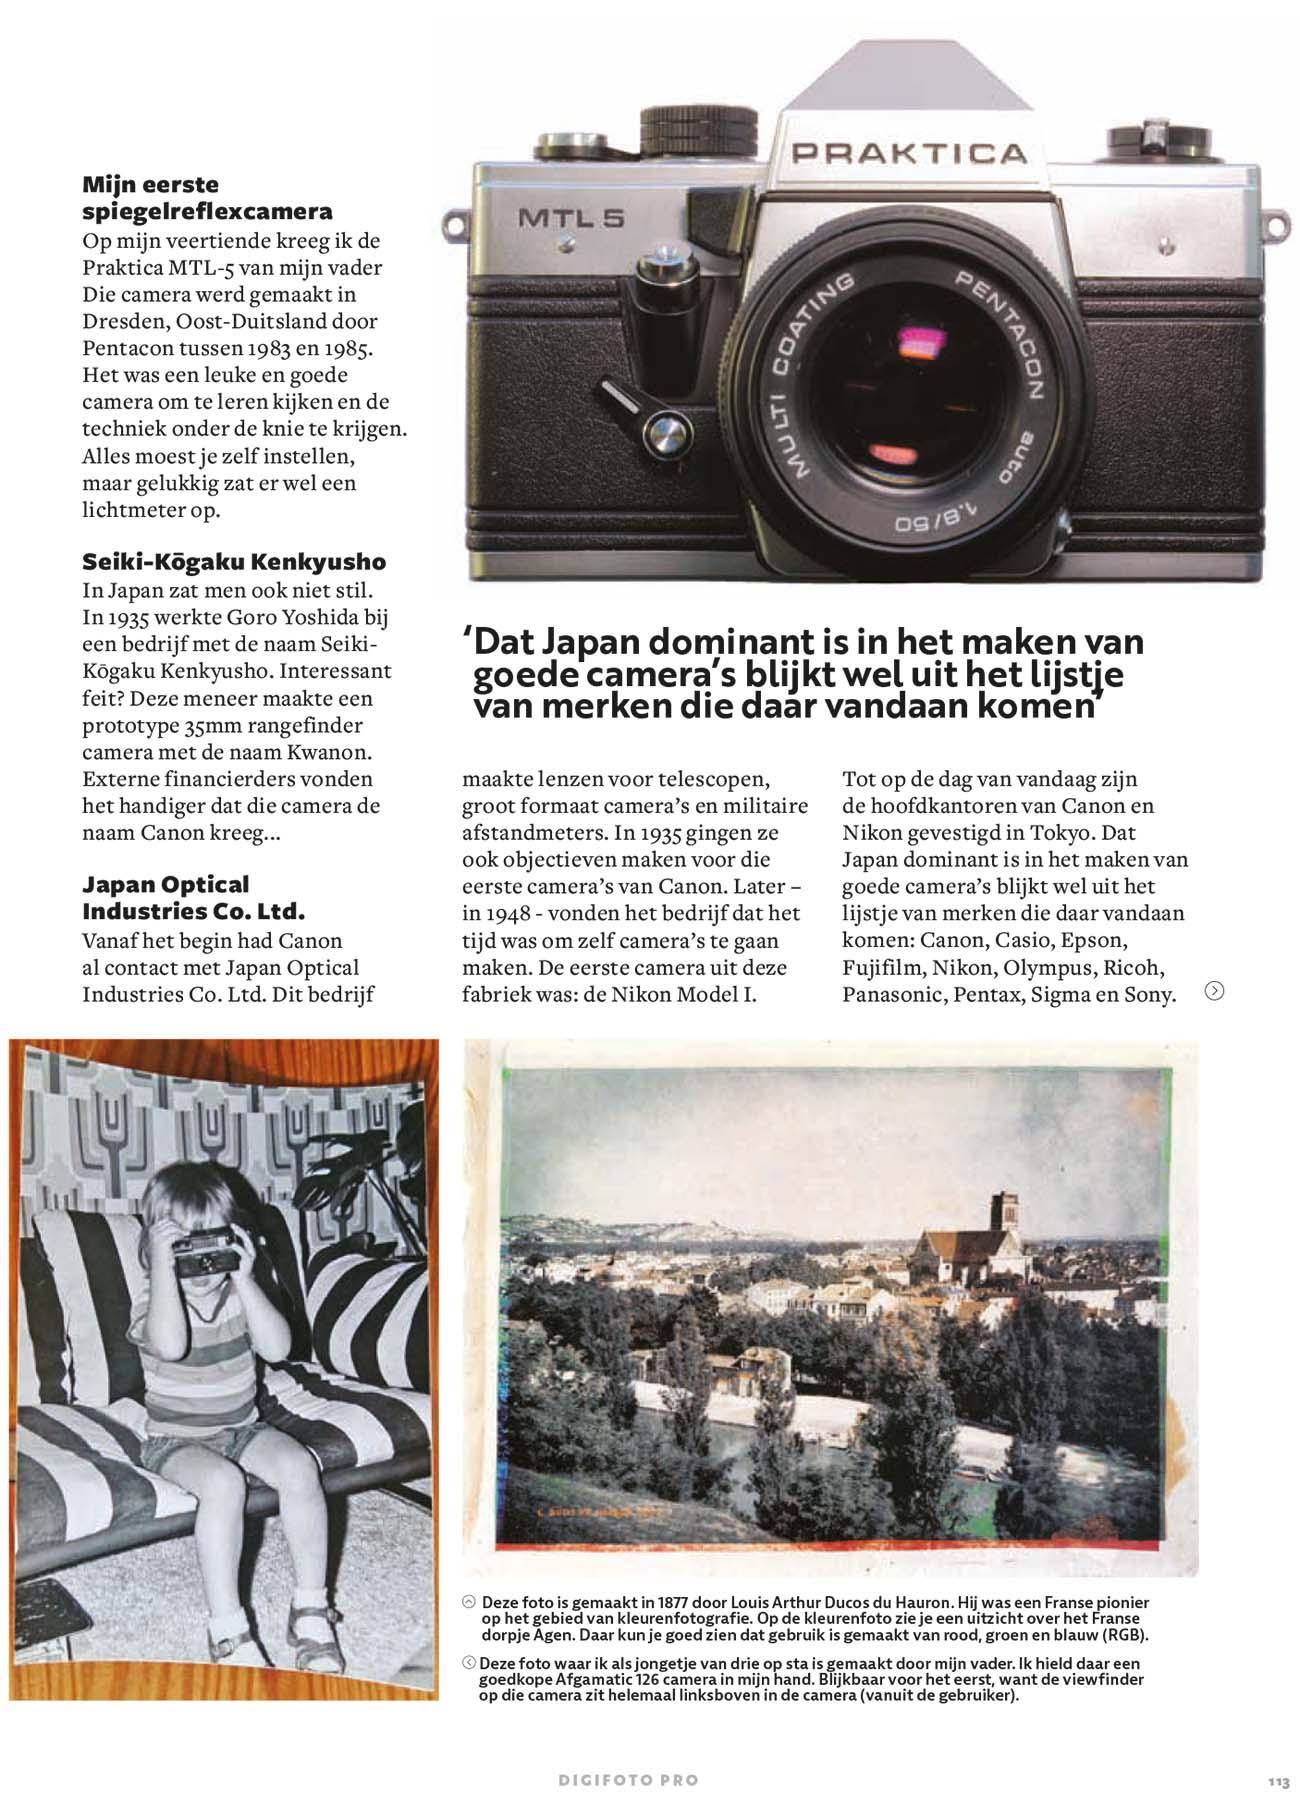 Geschiedenis van de digitale camera